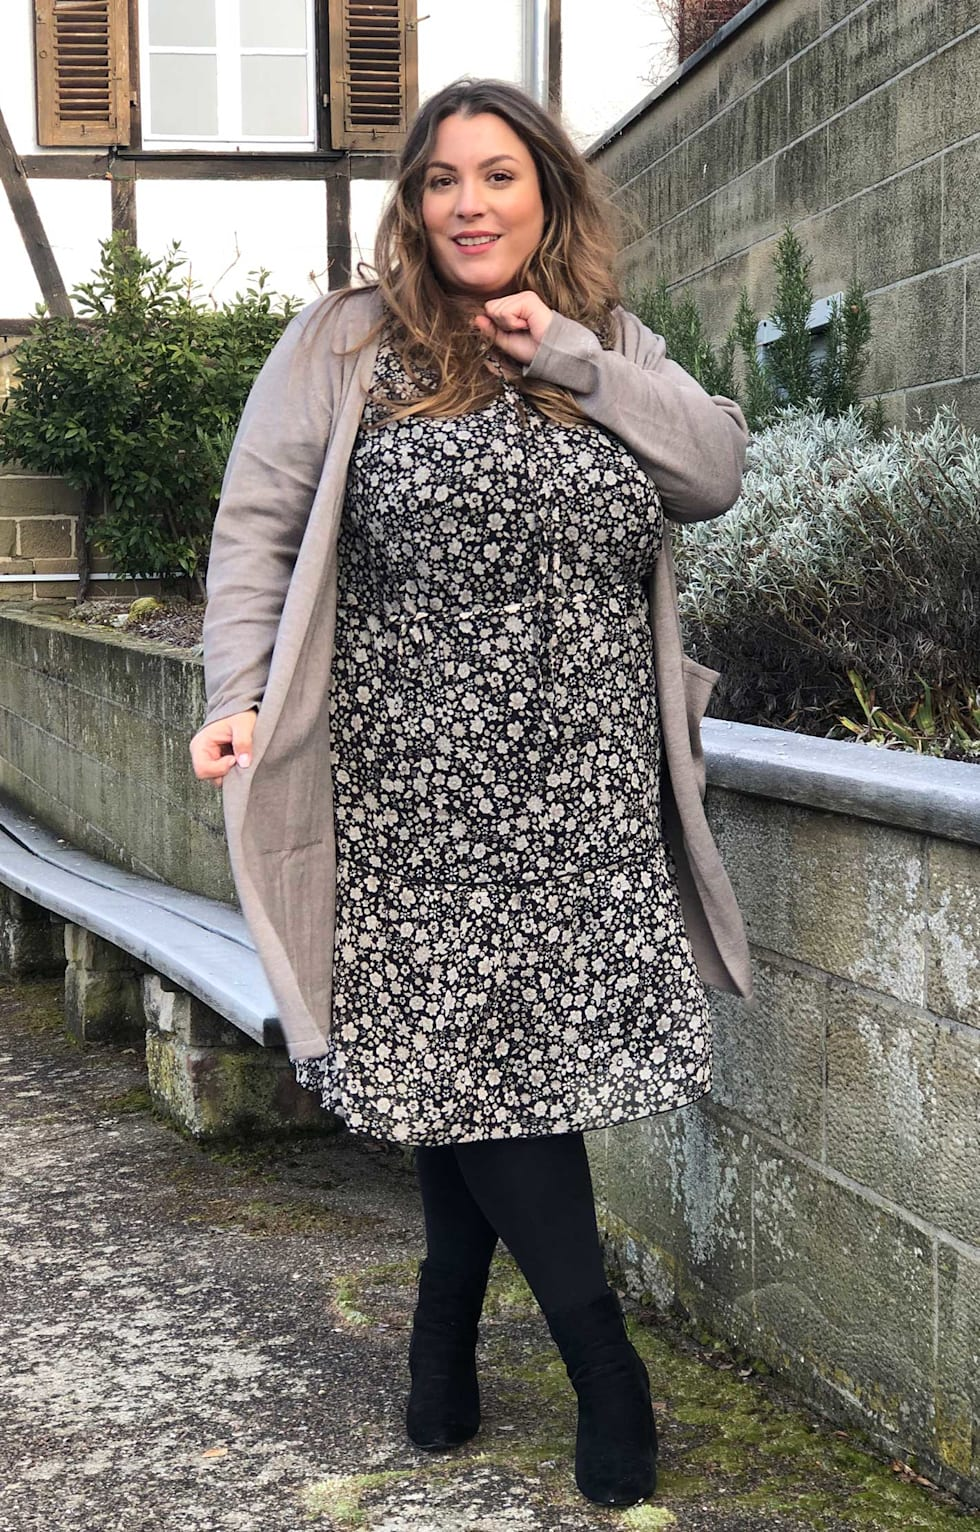 Bloggerin Lea Libera